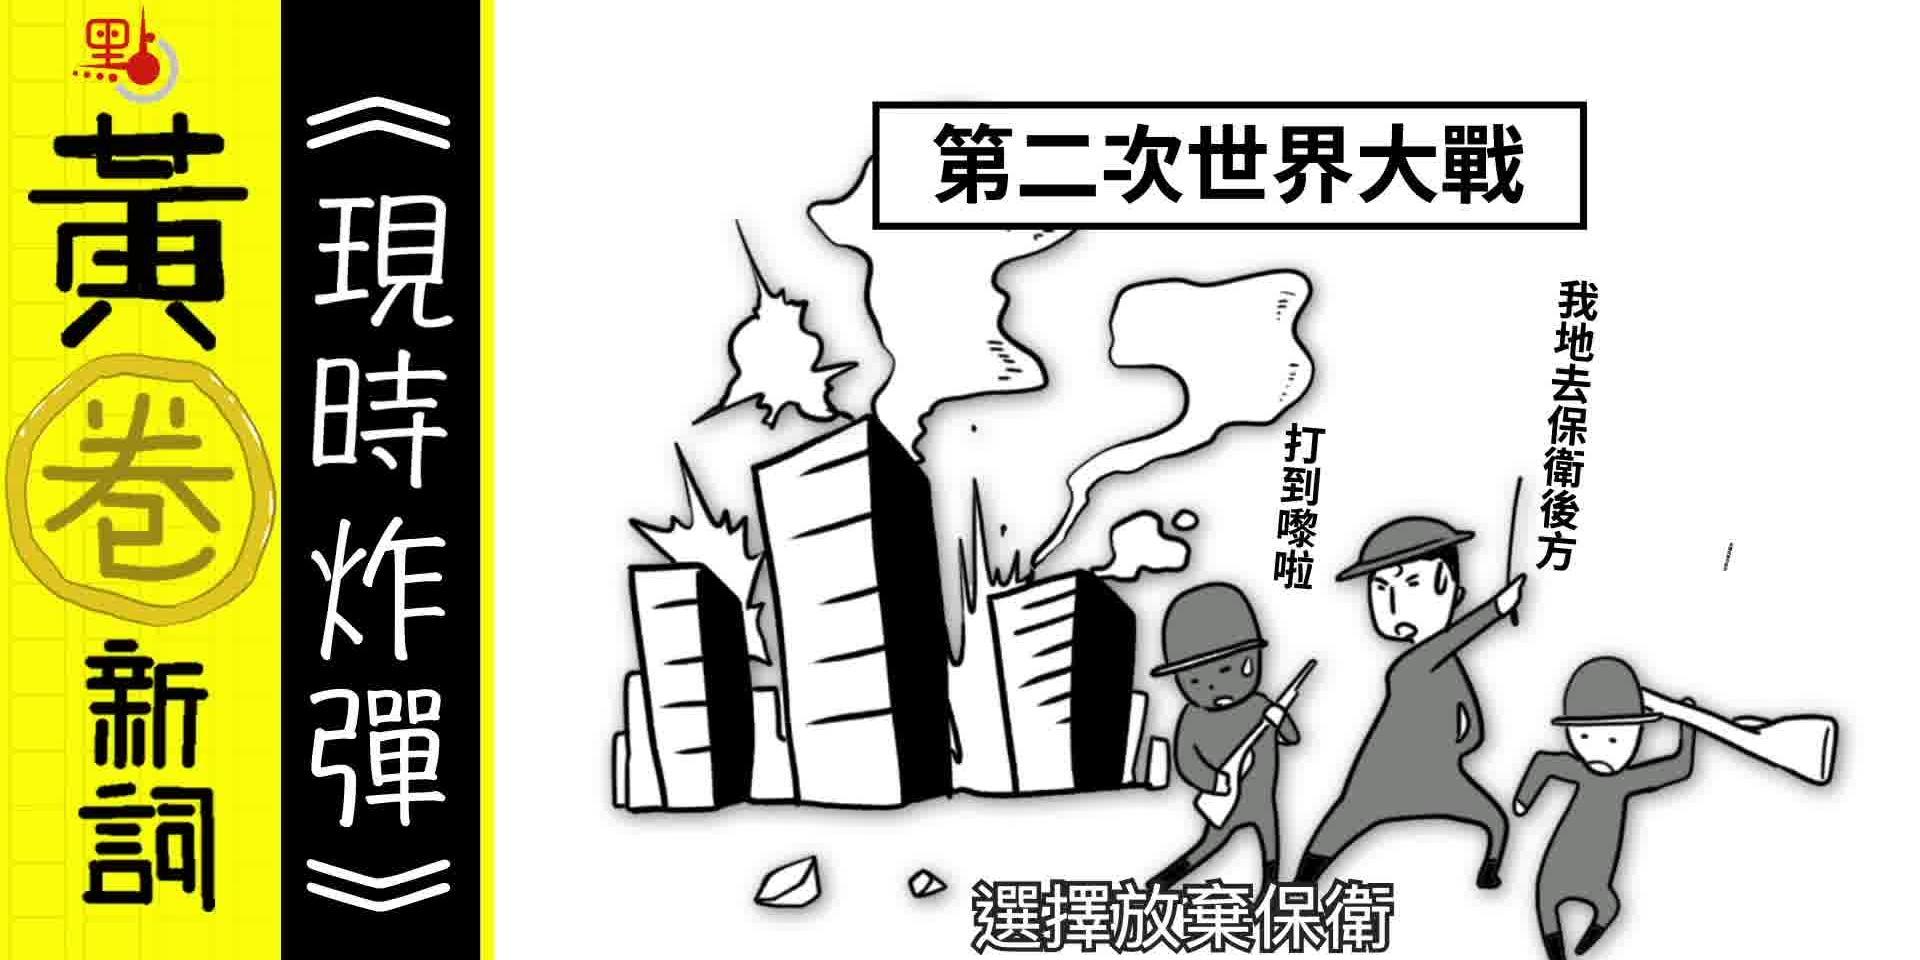 【黃圈新詞】戰時炸彈定現時炸彈